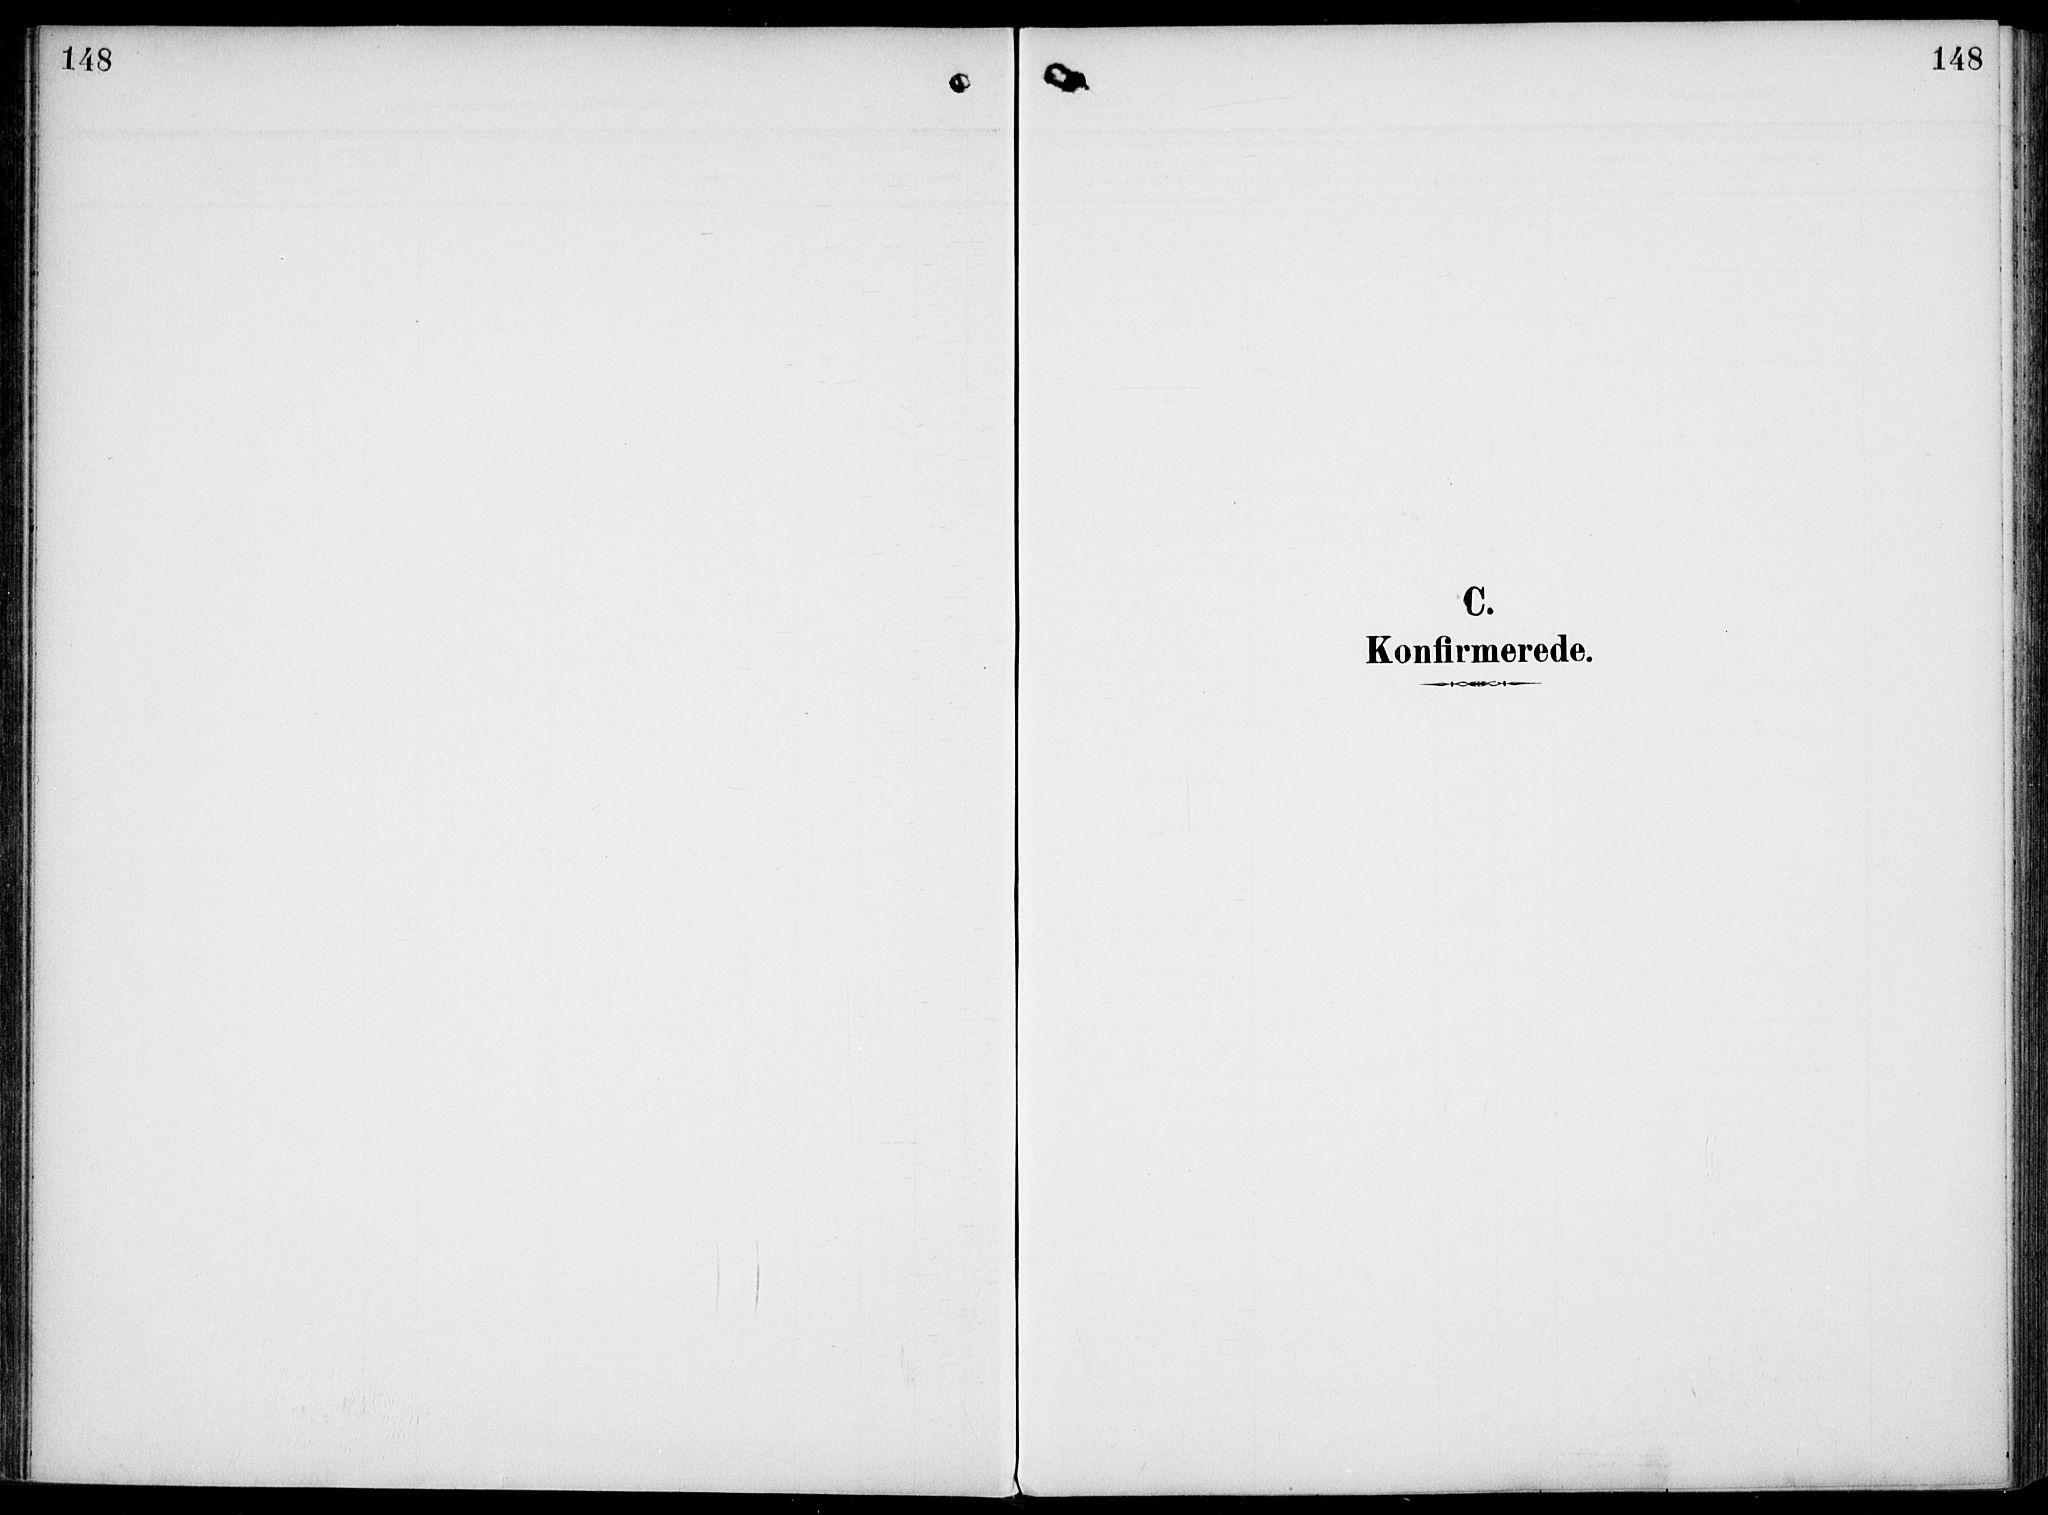 SAKO, Gjerpen kirkebøker, F/Fa/L0012: Ministerialbok nr. 12, 1905-1913, s. 148